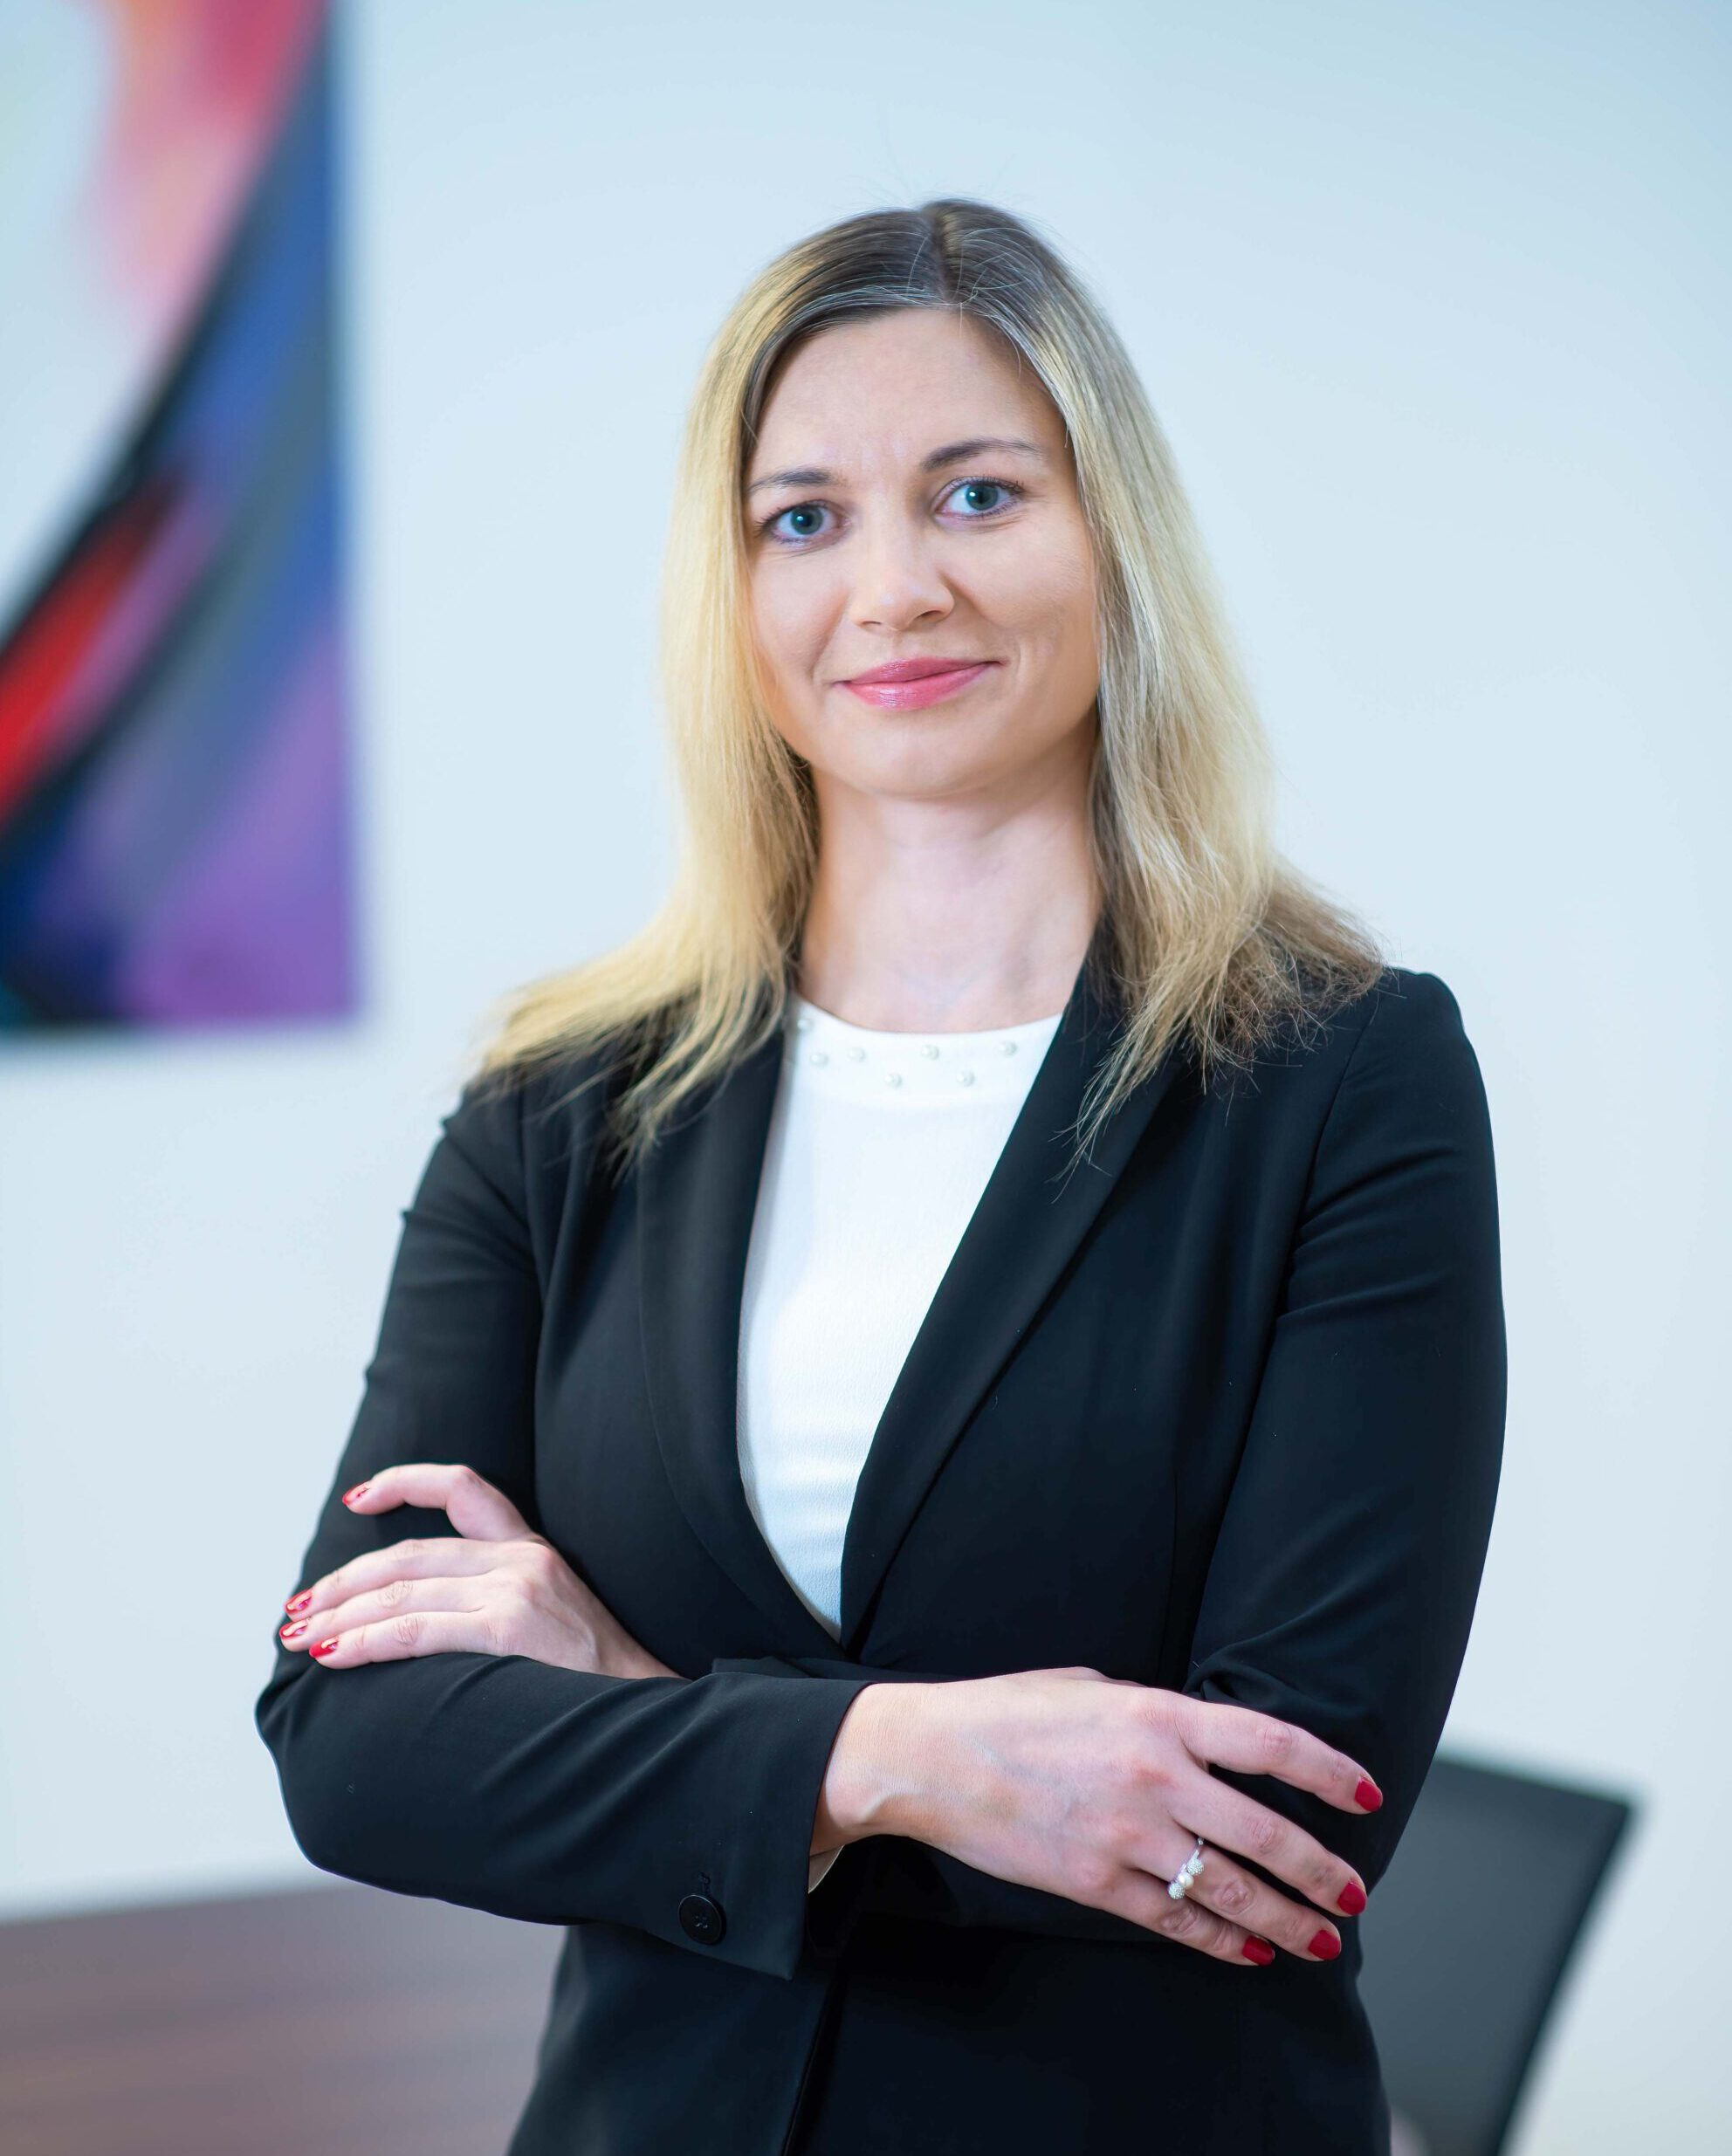 Rechtsanwältin Maria Derra (KAYP)